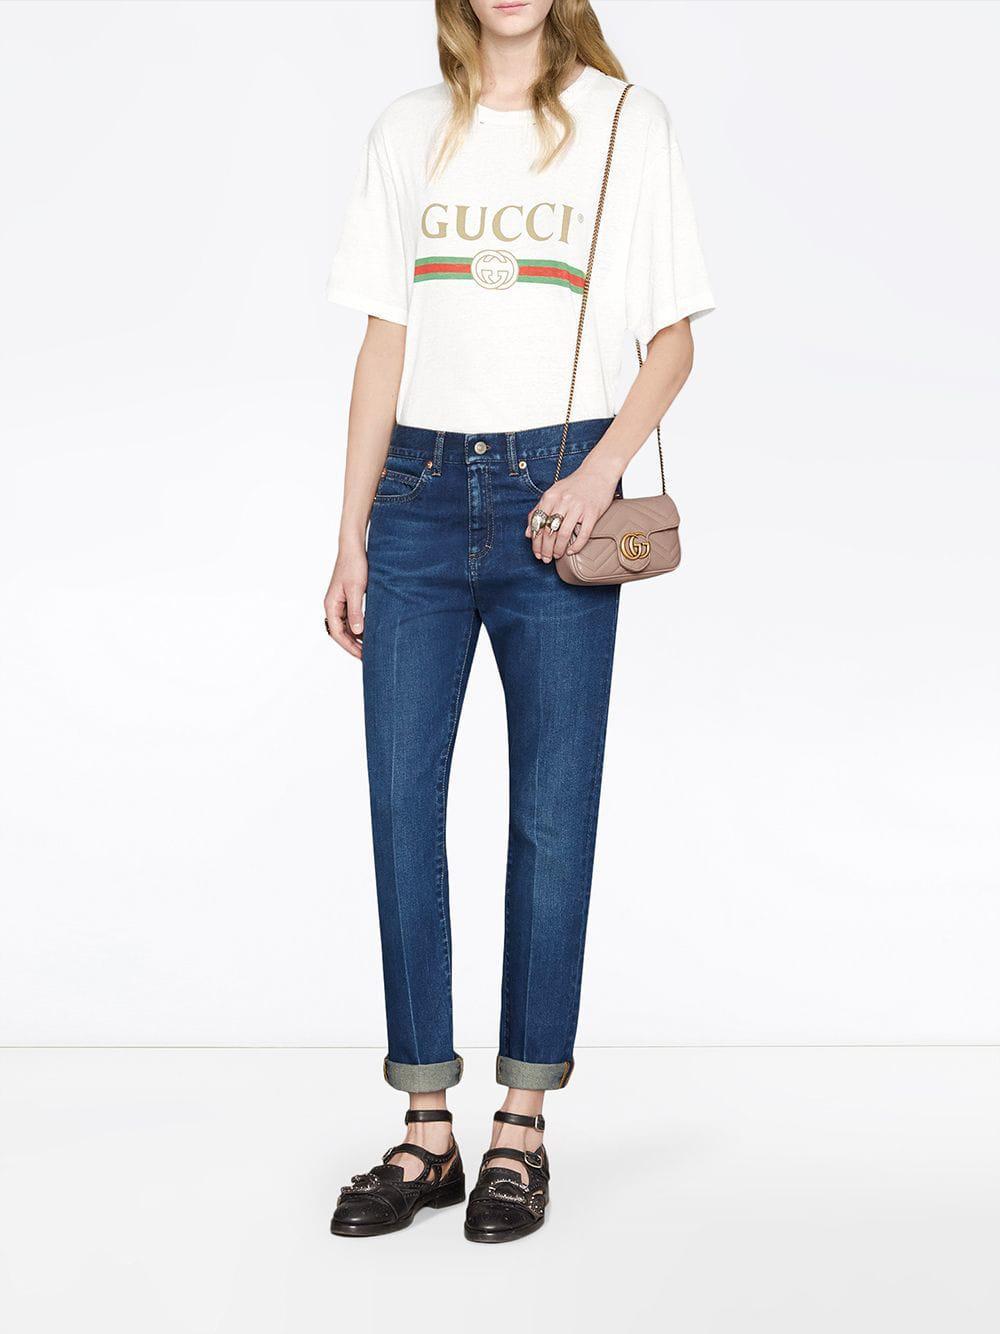 047d6a59402 Lyst - Gucci GG Marmont Matelassé Leather Super Mini Bag - Save 7%